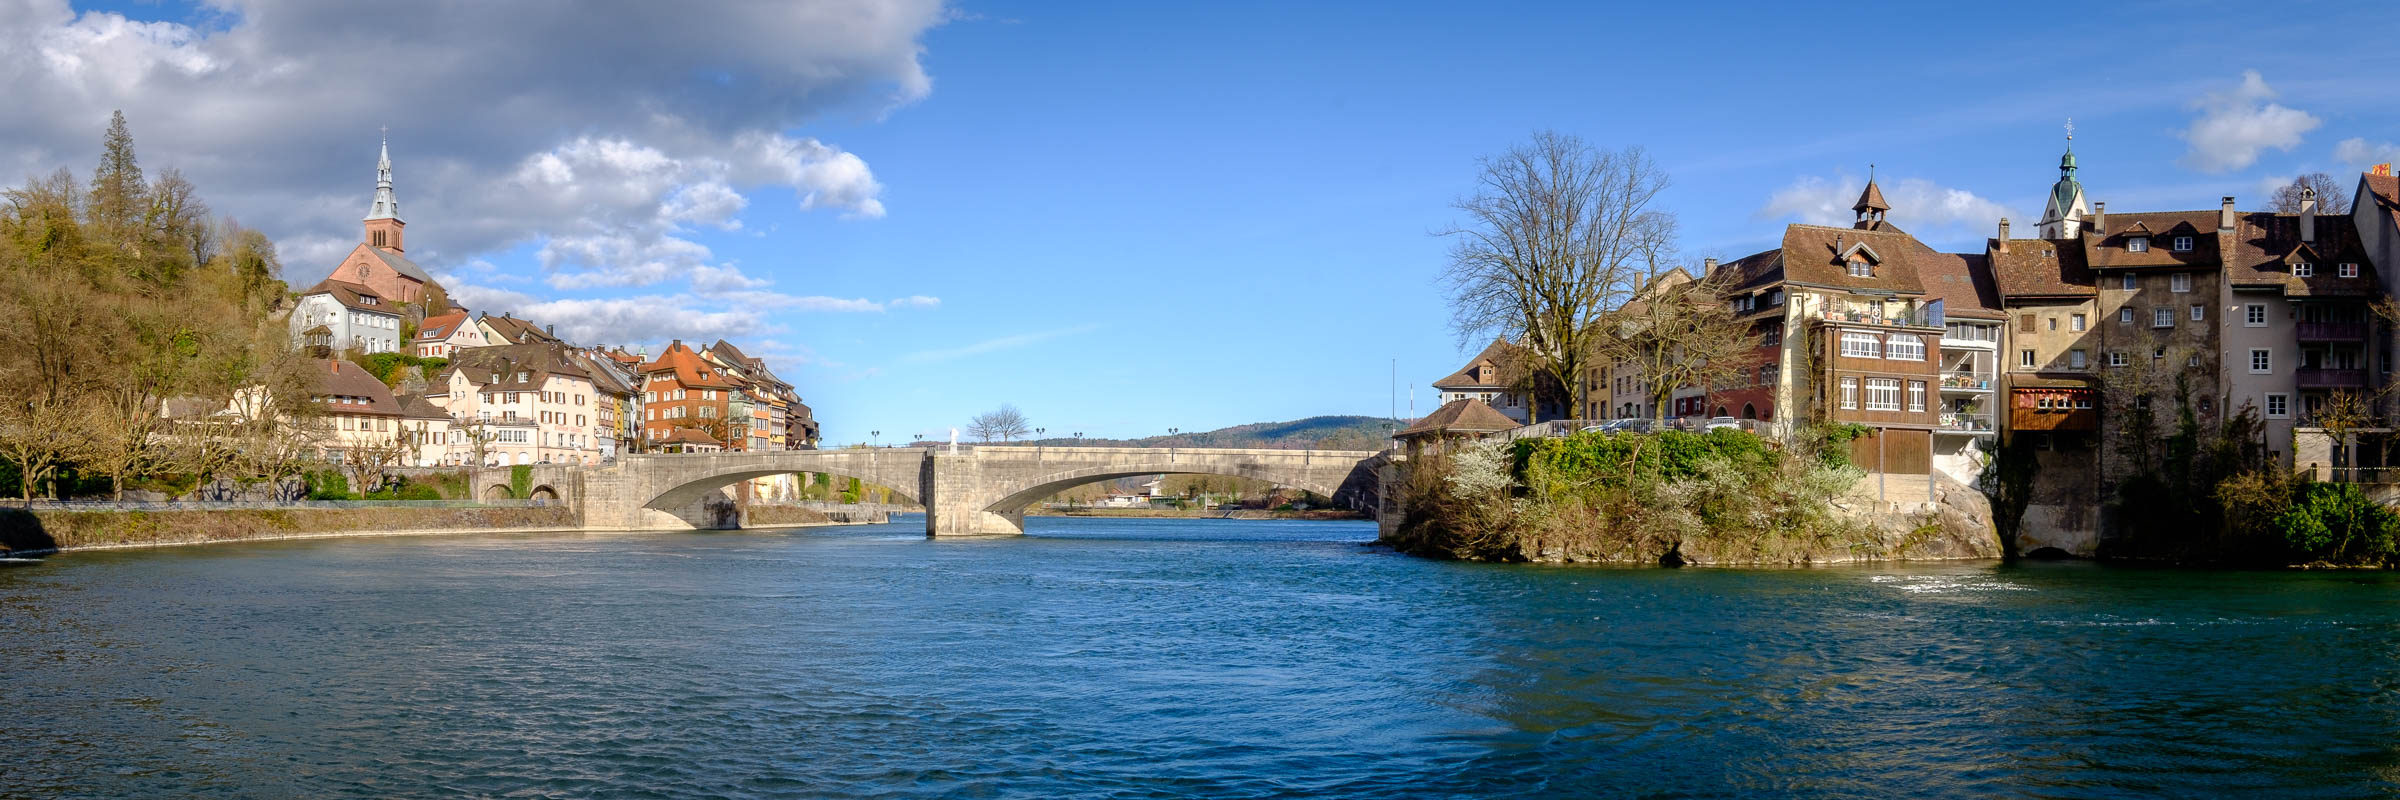 Laufenburg am Rhein, Germany/Switzerland